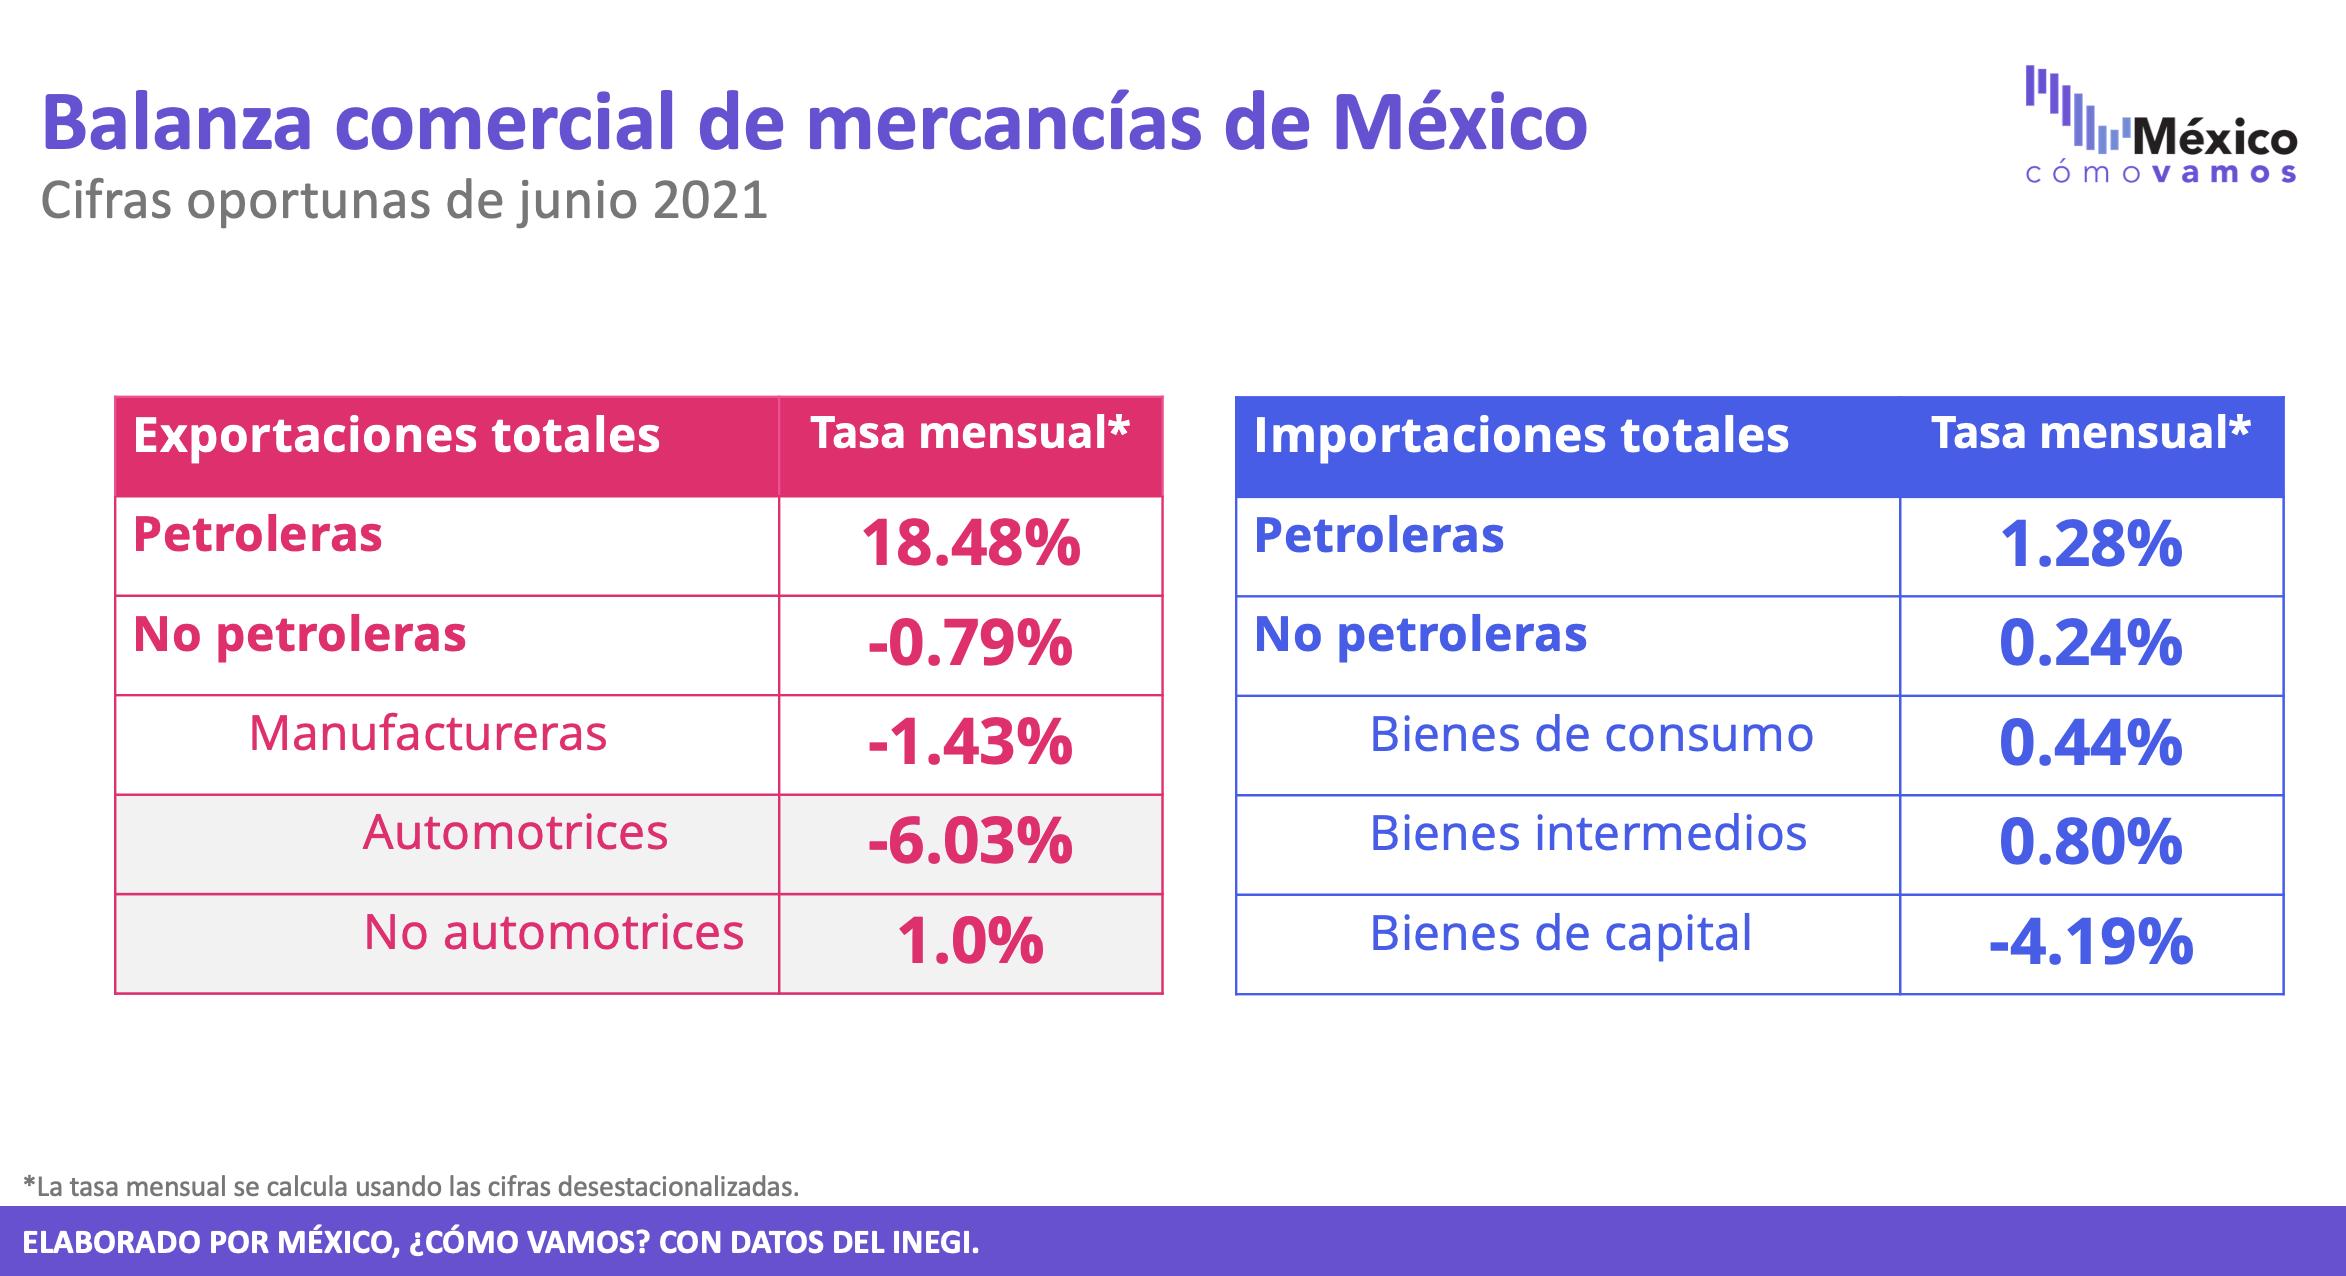 Balanza comercial (cifras oportunas) – Junio 2021